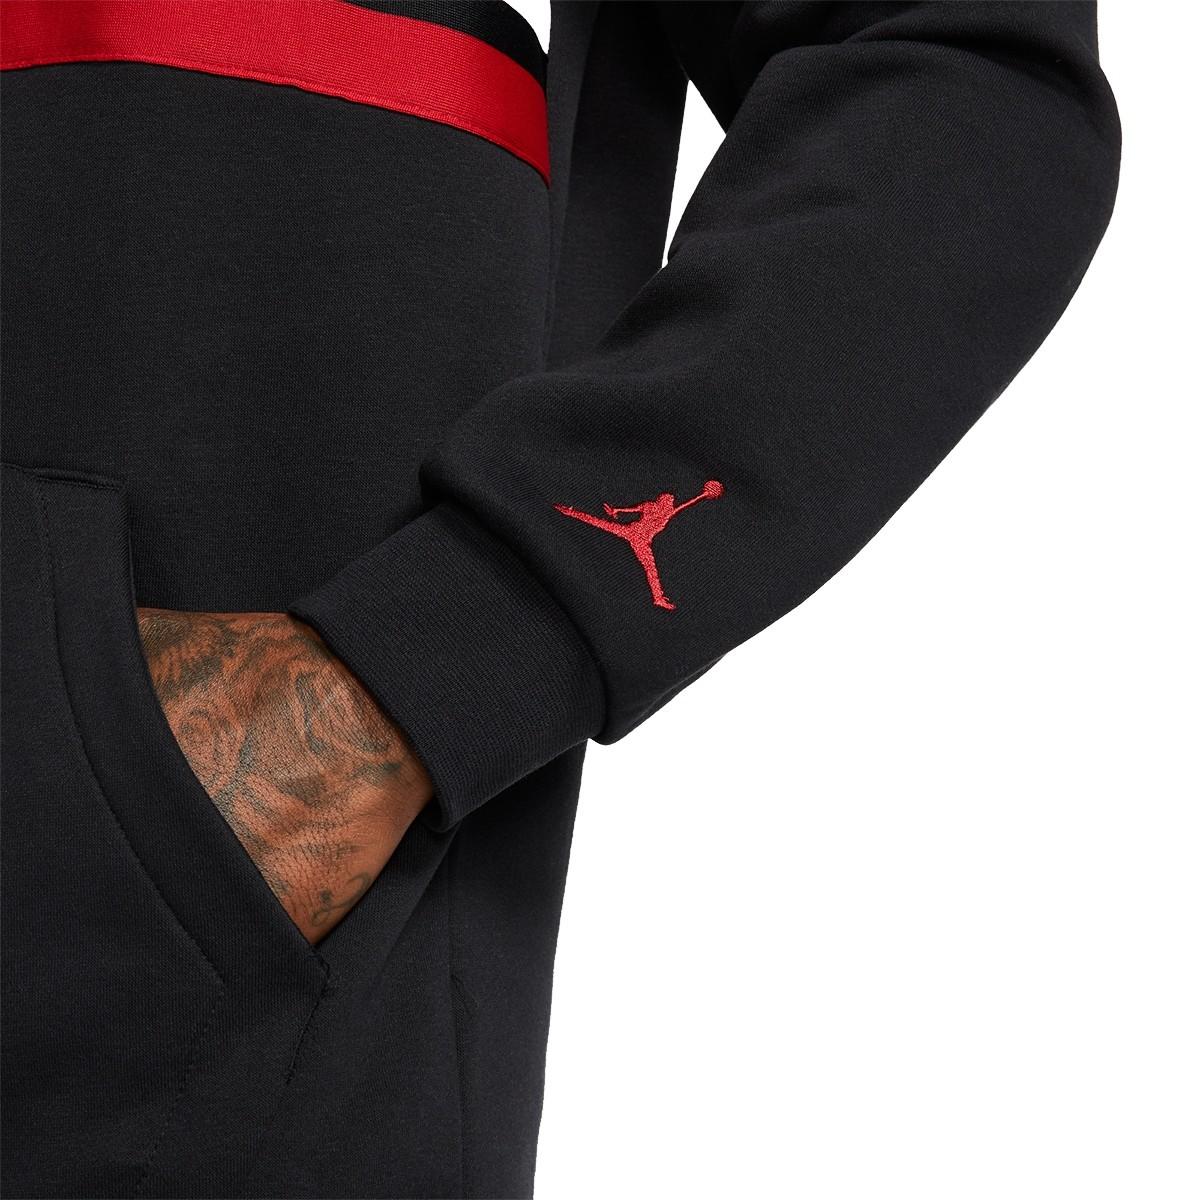 Air Jordan Fleece Pullover 'Bred'-BQ5651-010